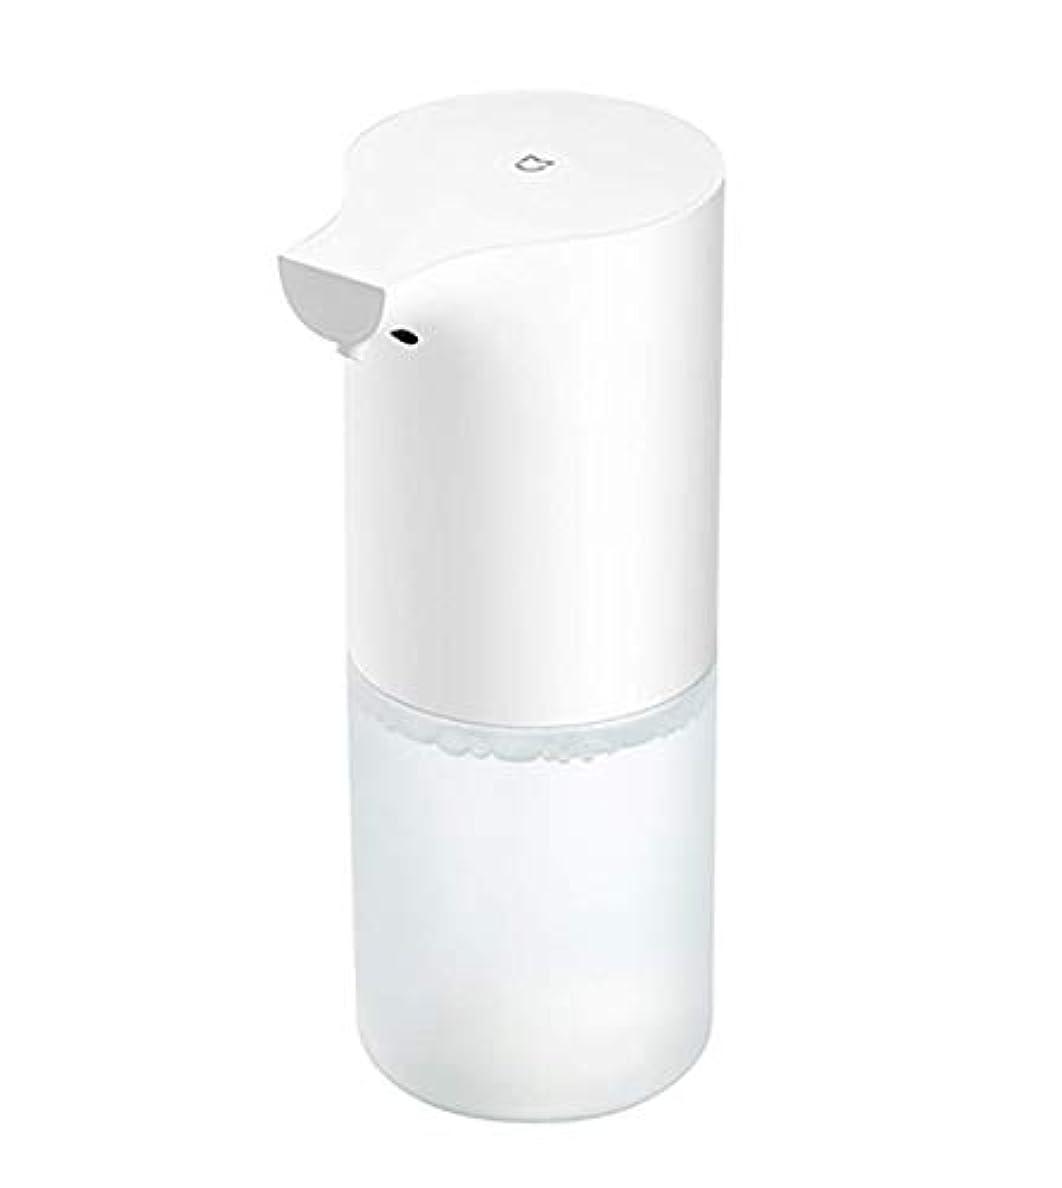 後ろ、背後、背面(部解釈するサイクル自動誘導発泡ハンドウォッシャーフォームソープディスペンサー赤外線センサーソープディスペンサー用浴室キッチン